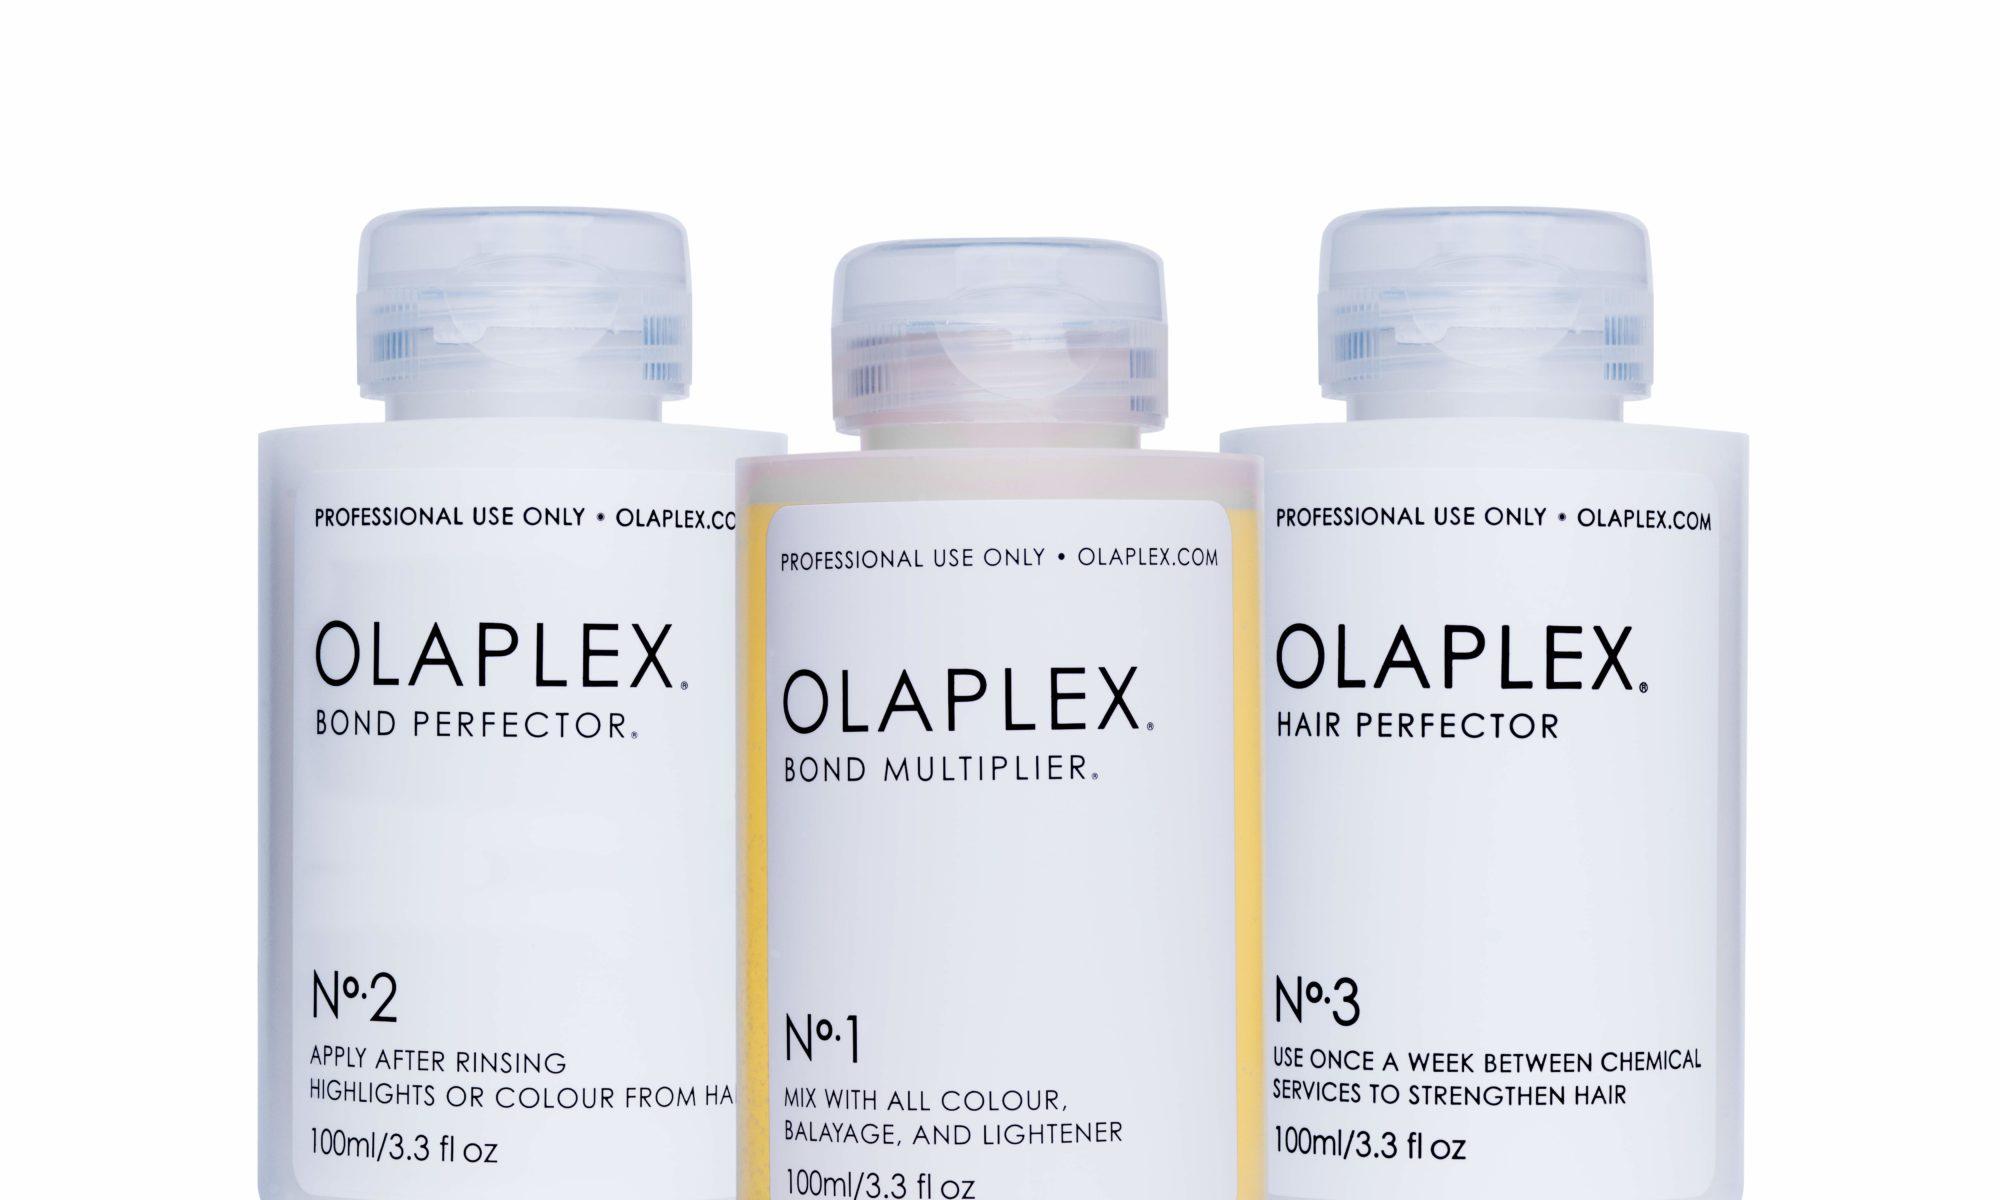 Olaplex, уход во время окрашивая, безопасное окрашивание, омбре, балояж, мелирование, парикмахер Сумы, Антонина Слюарчук